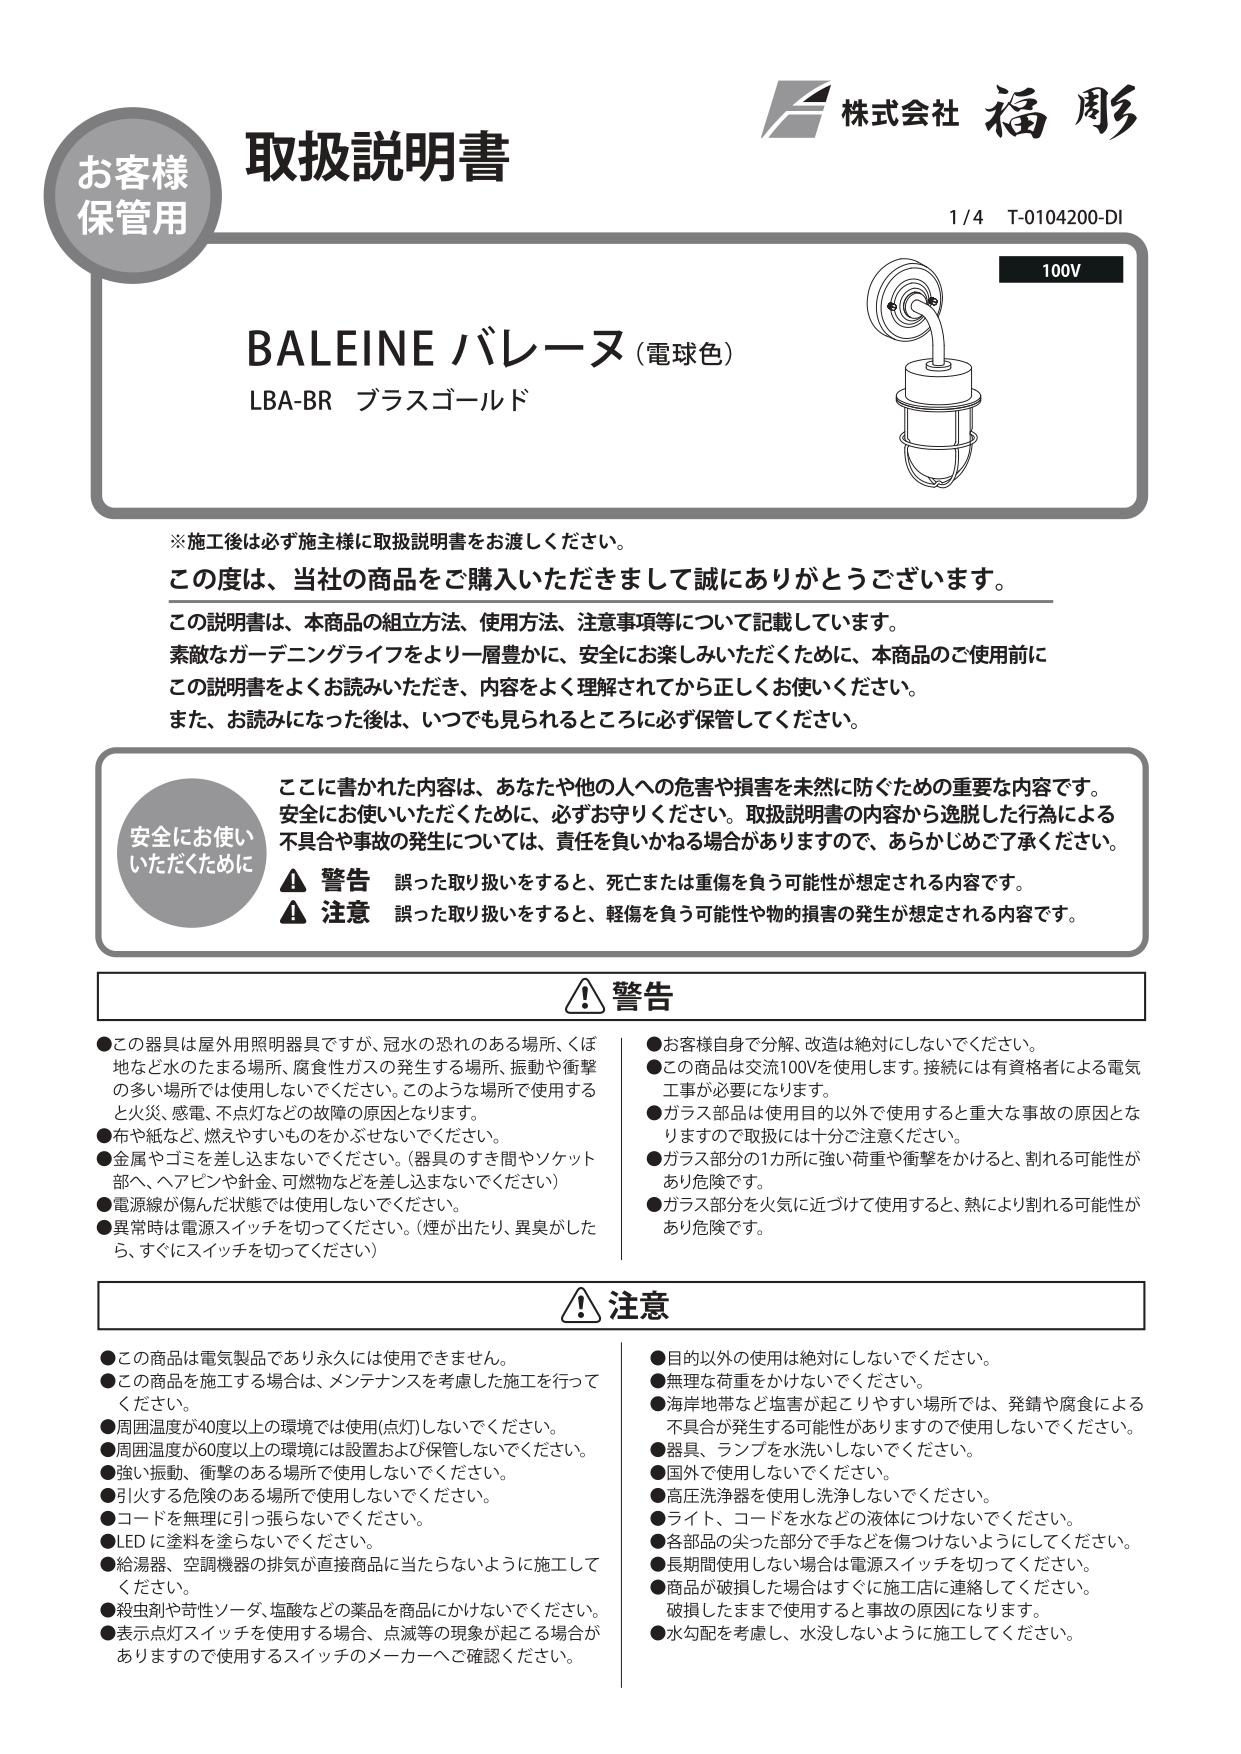 バレーヌ 施工説明書_page-0001